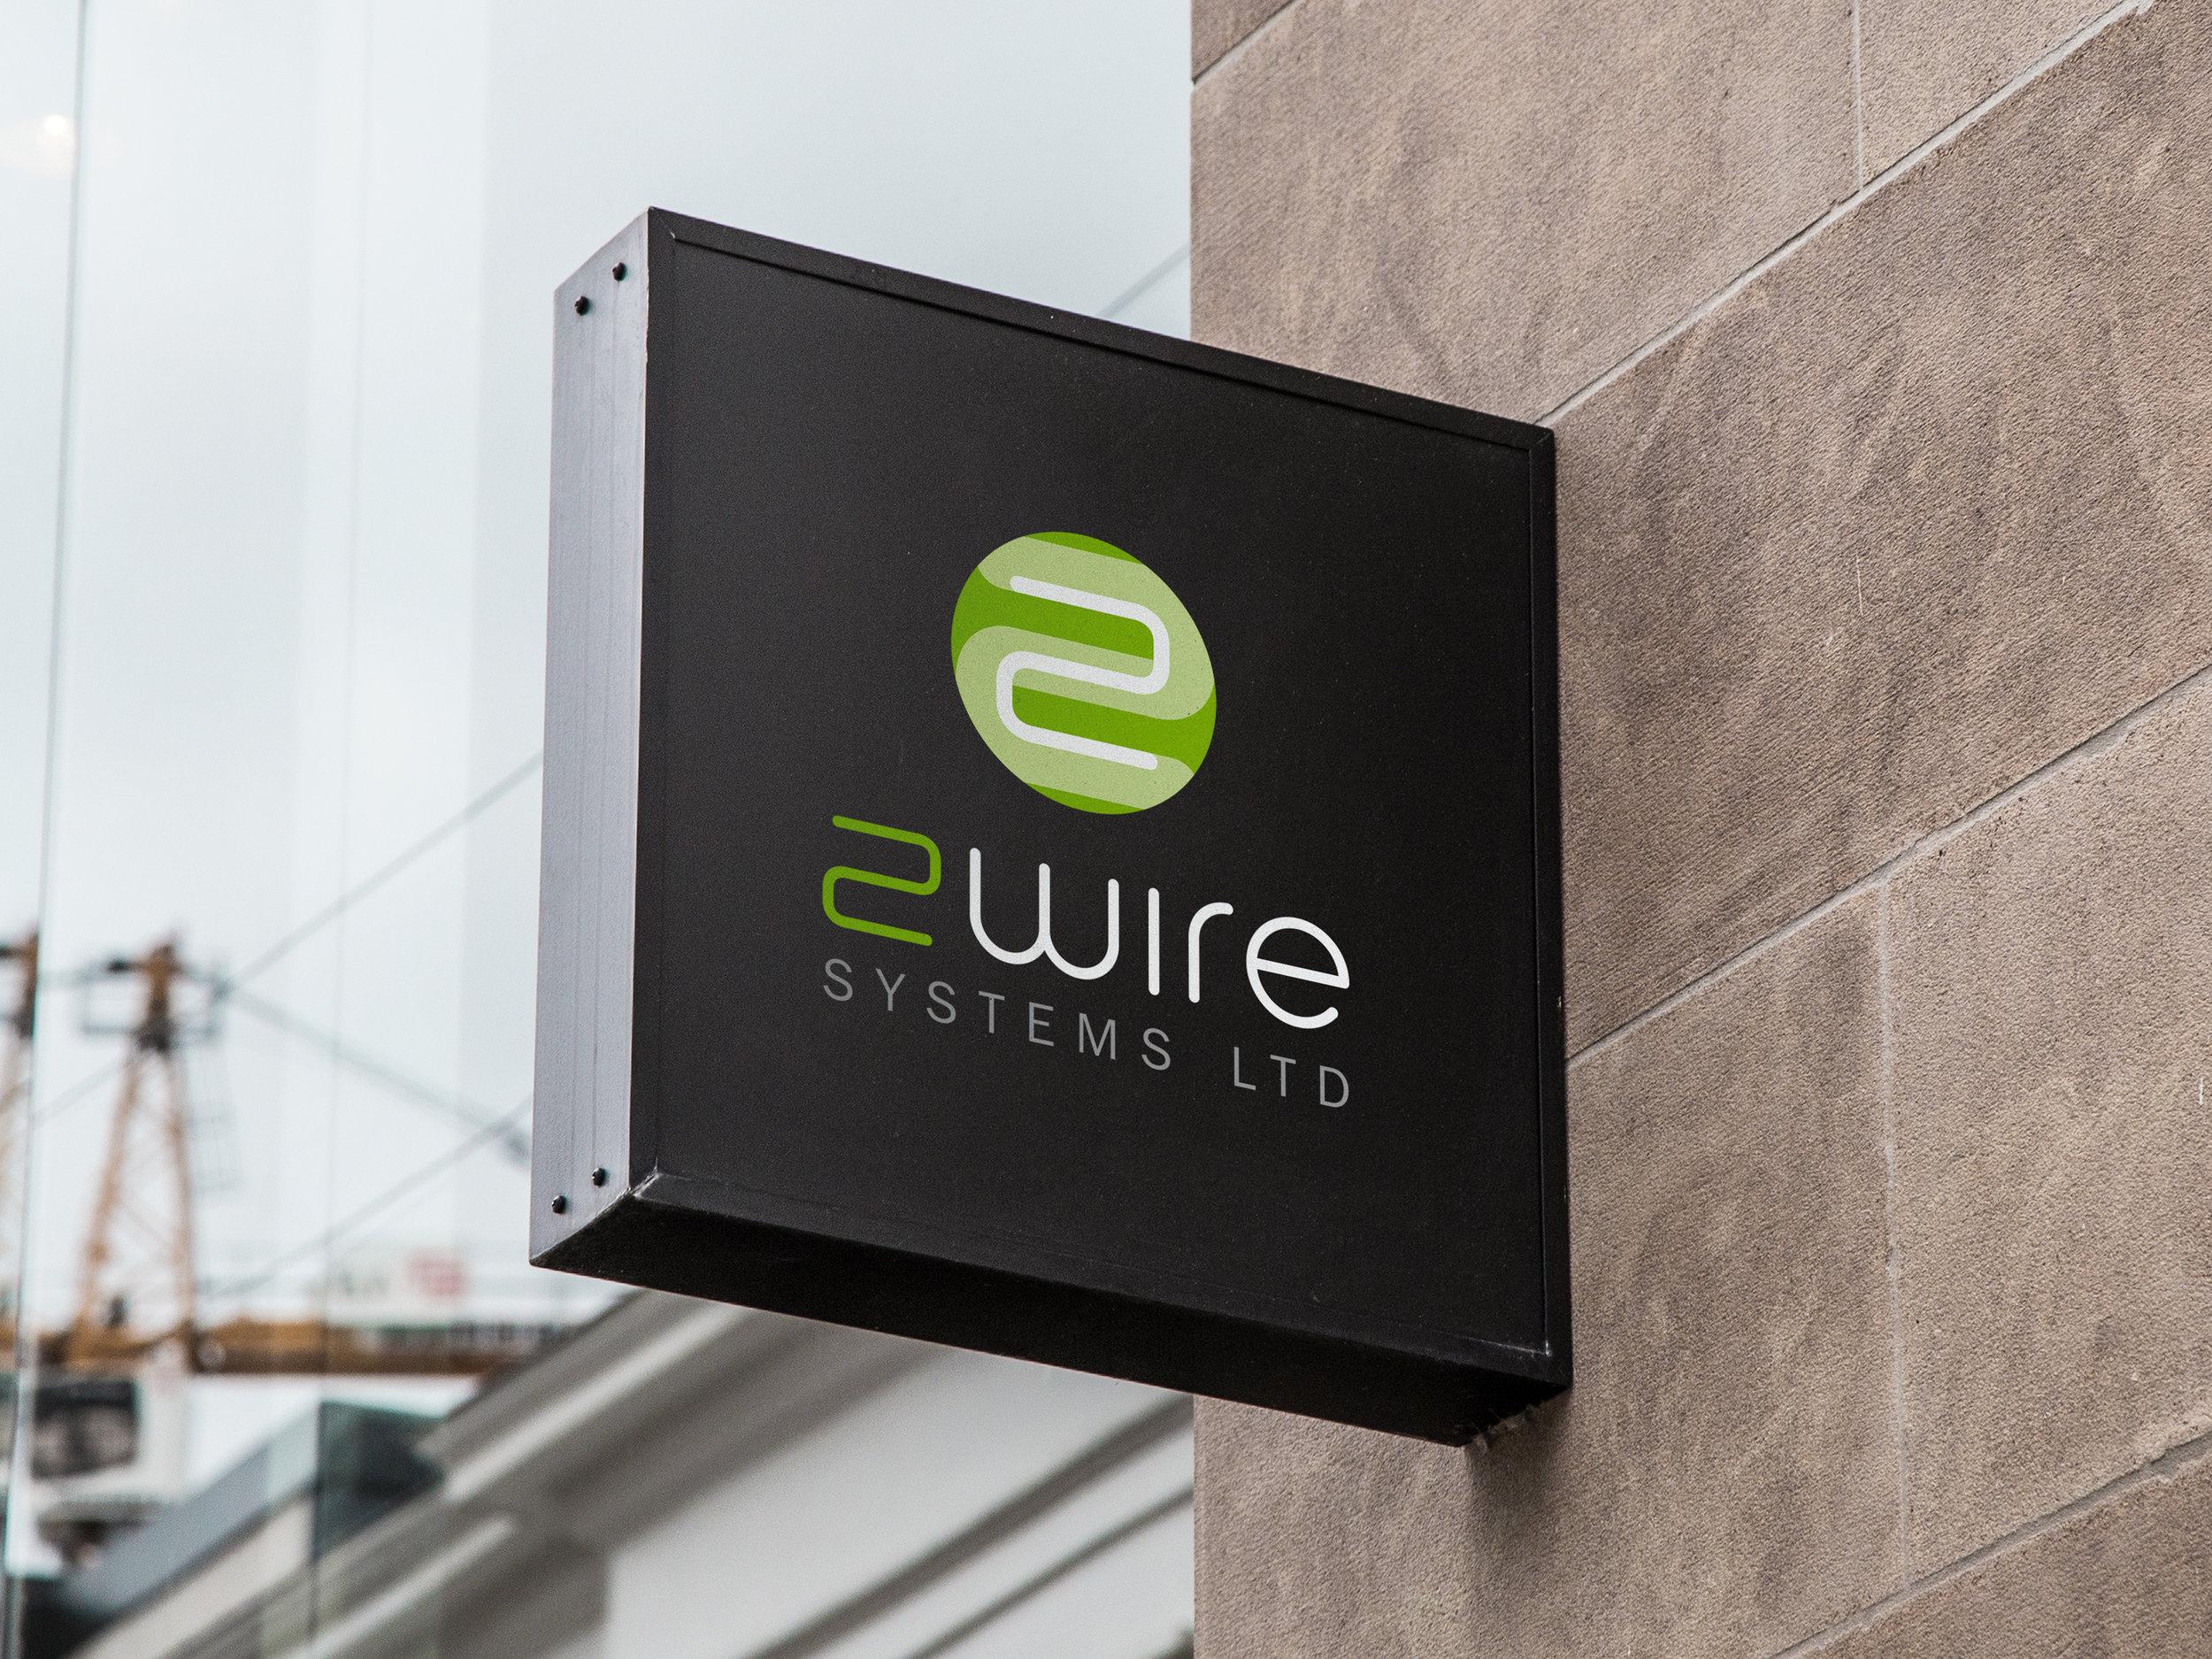 2 Wire_signage.JPG